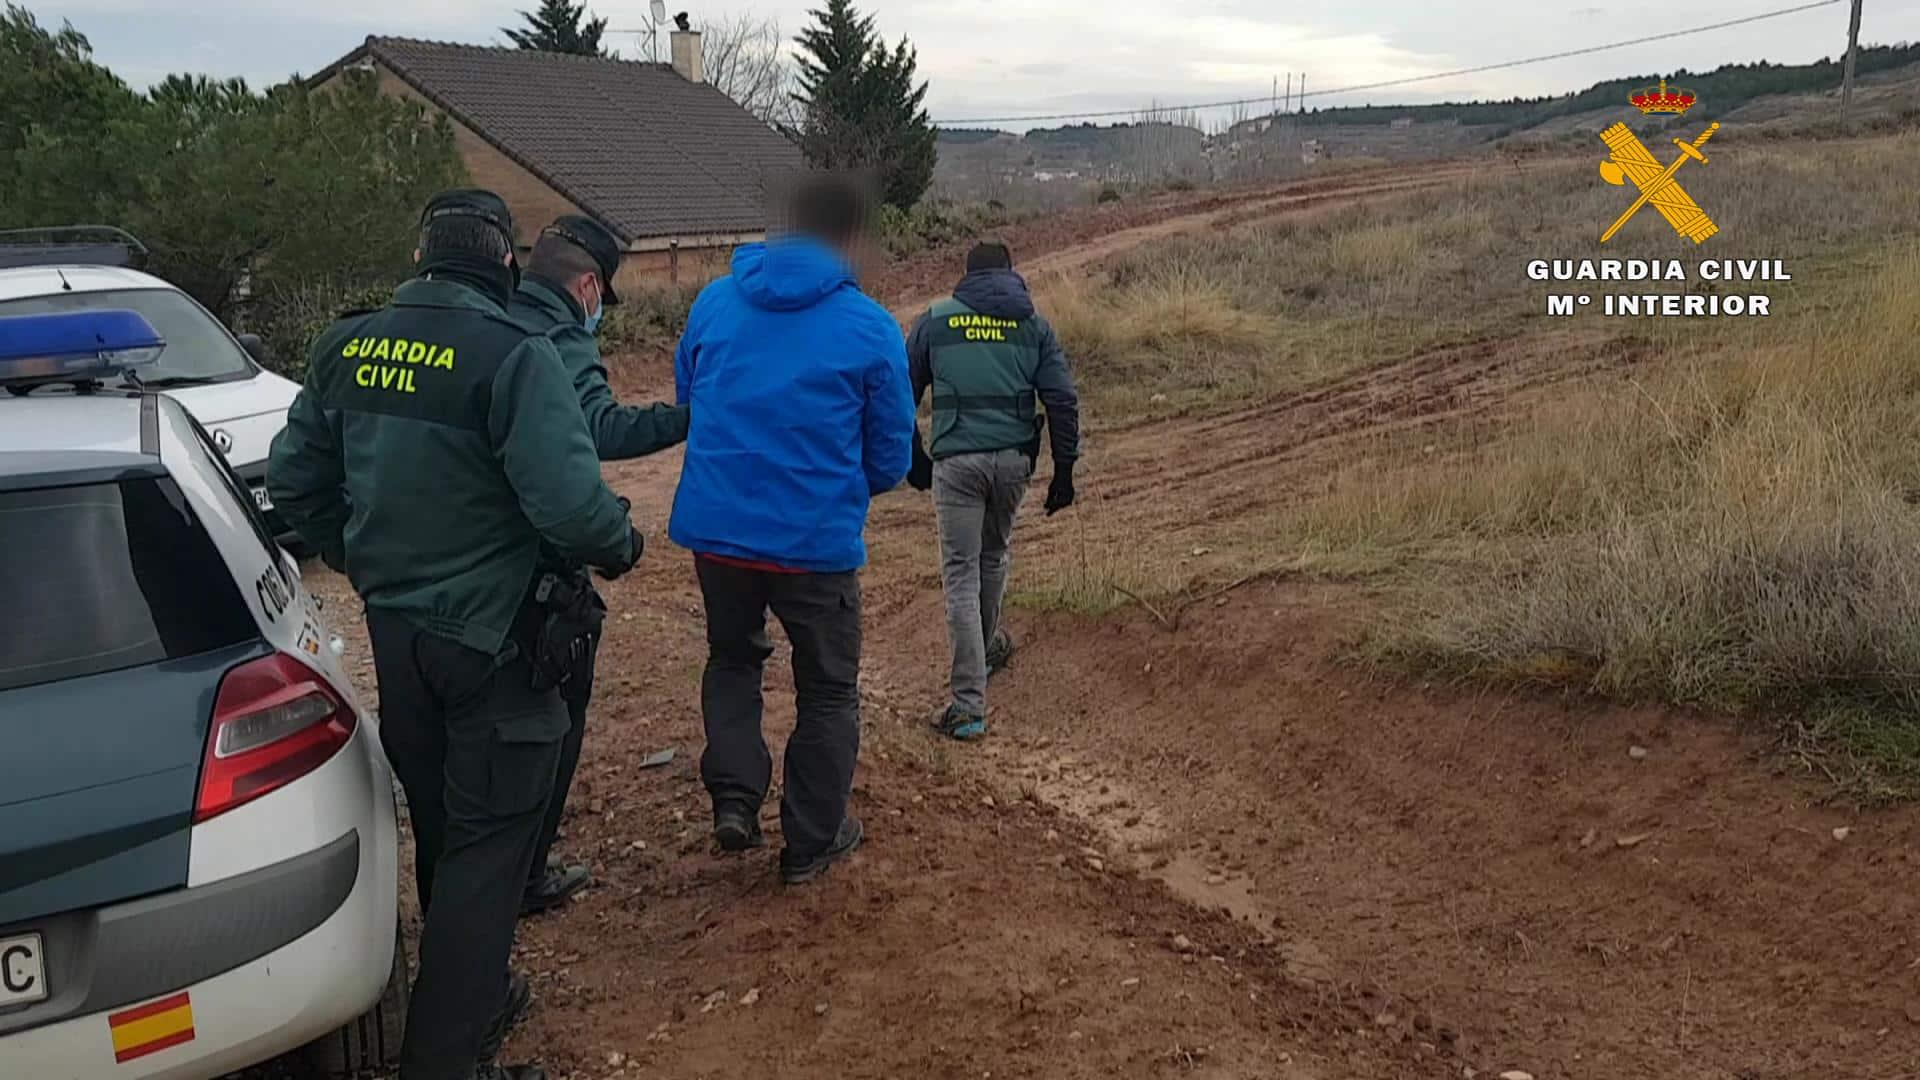 La Guardia Civil detiene al presunto autor del robo de varios contenedores en La Rioja 2